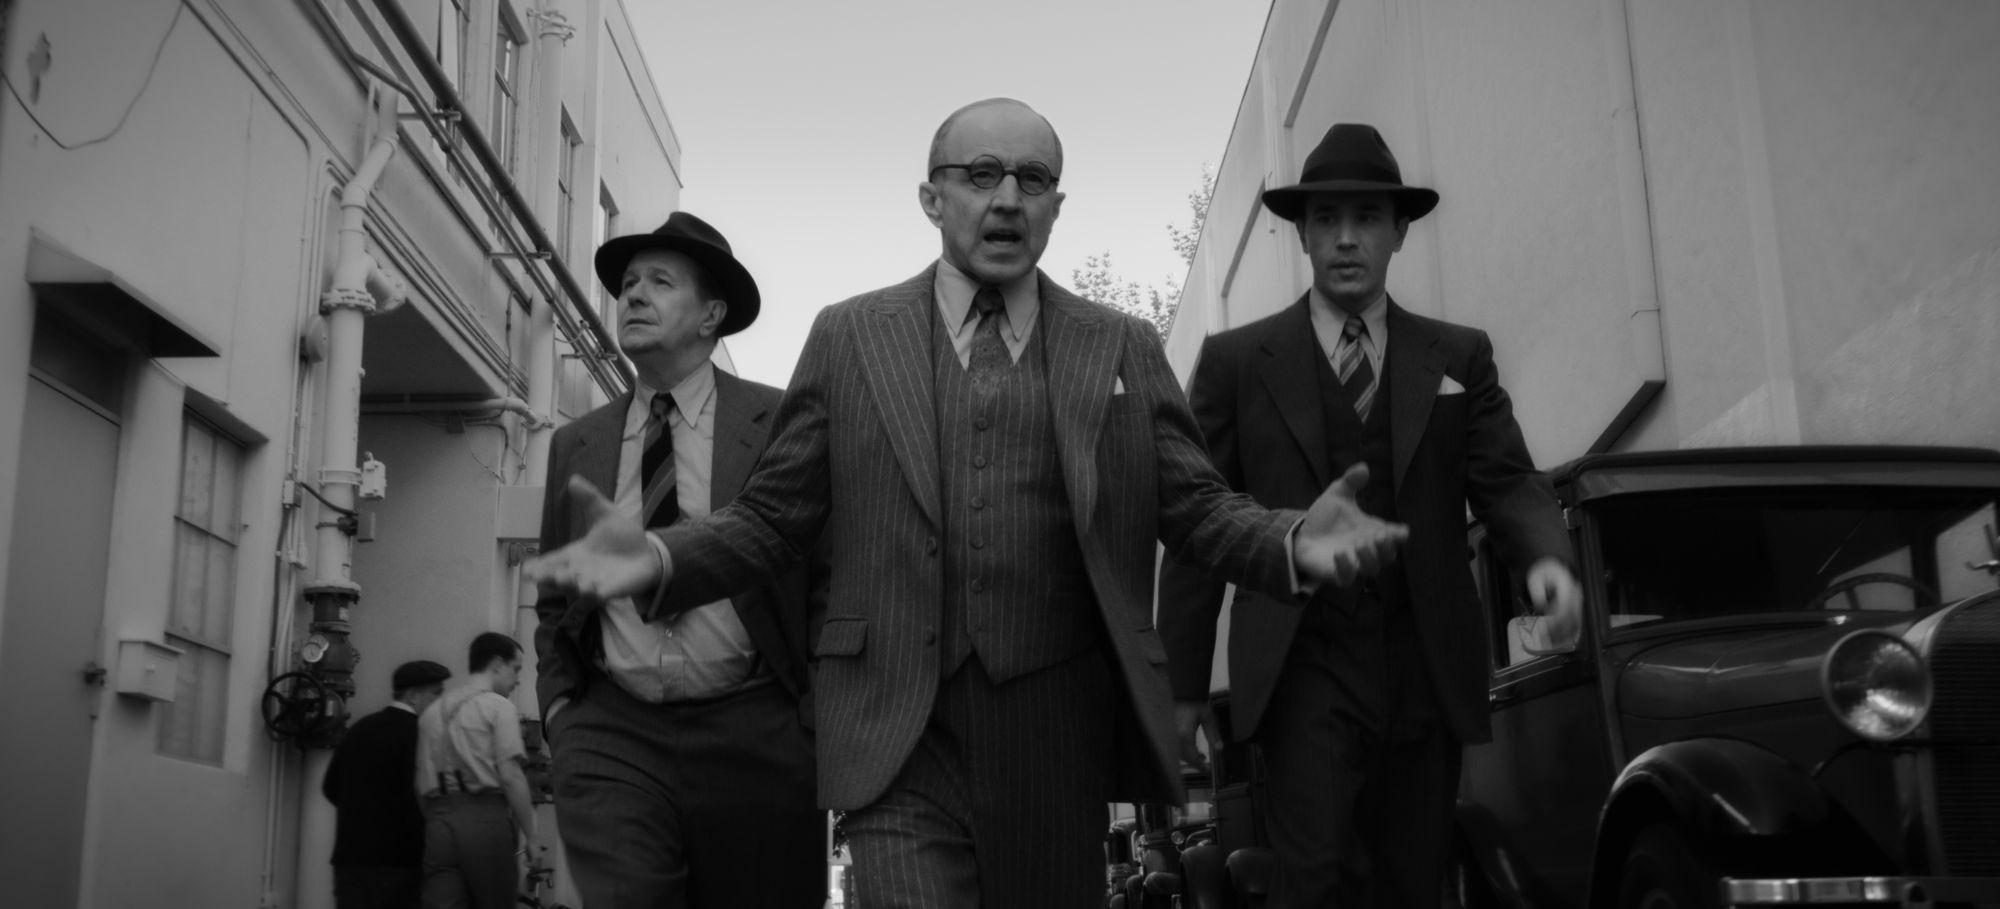 Mank - kiedy premiera nowego filmu Davida Finchera?